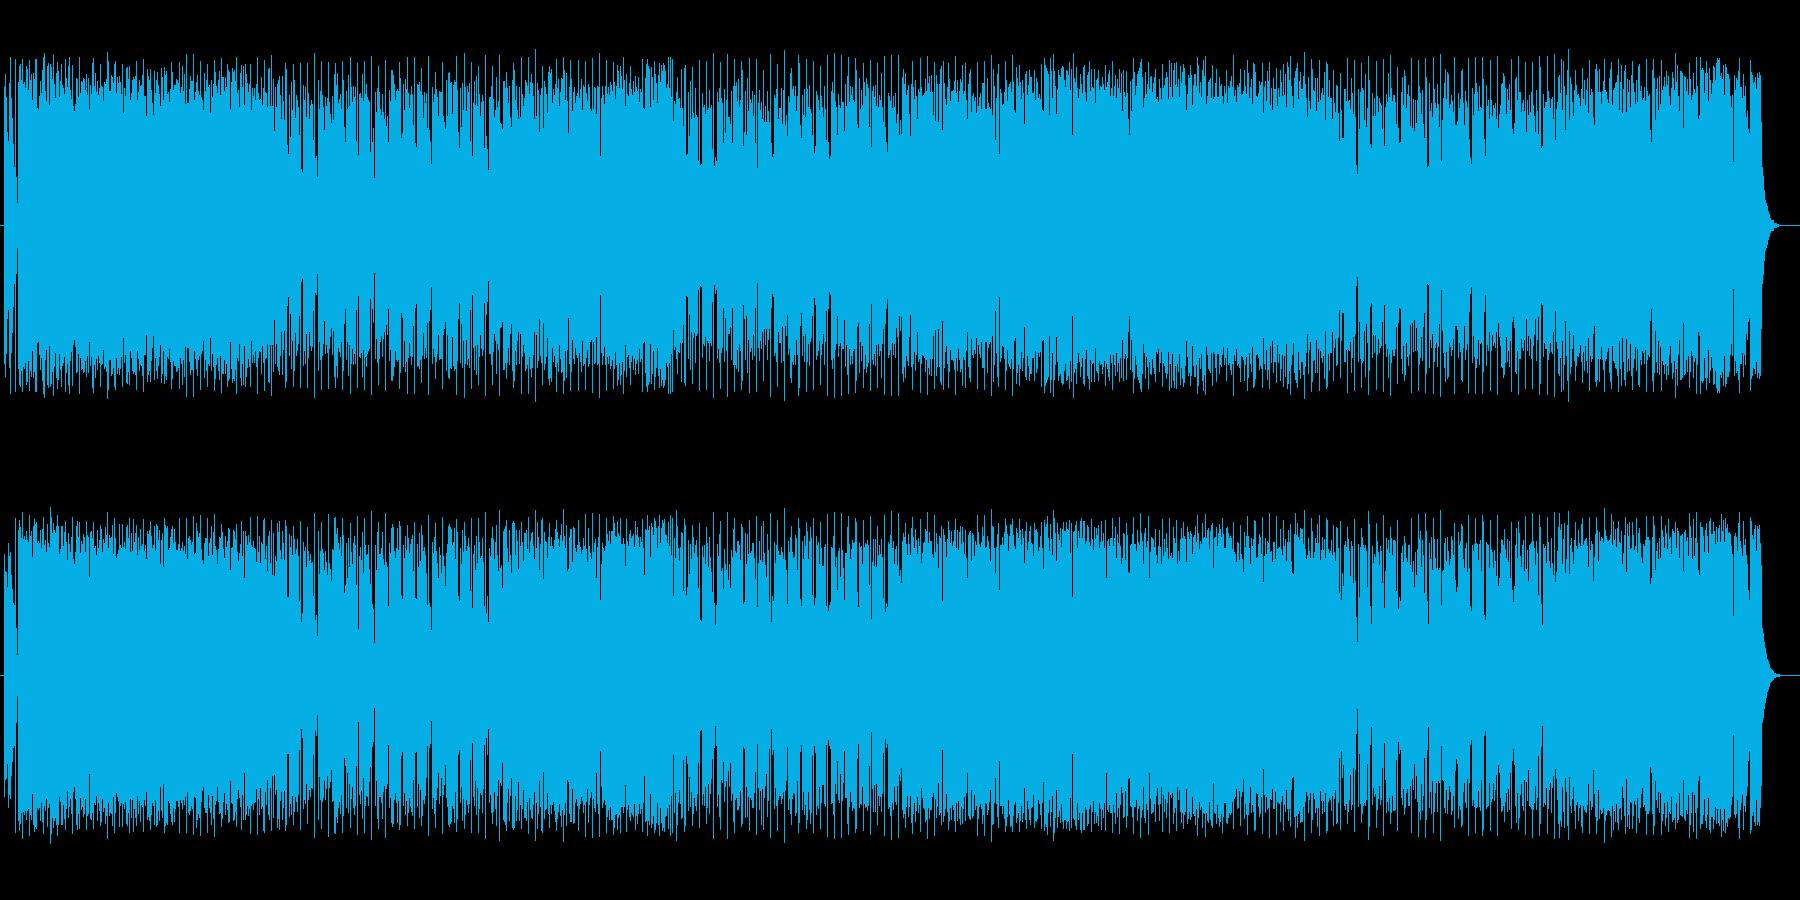 元気で明るい疾走感溢れるドラムポップスの再生済みの波形